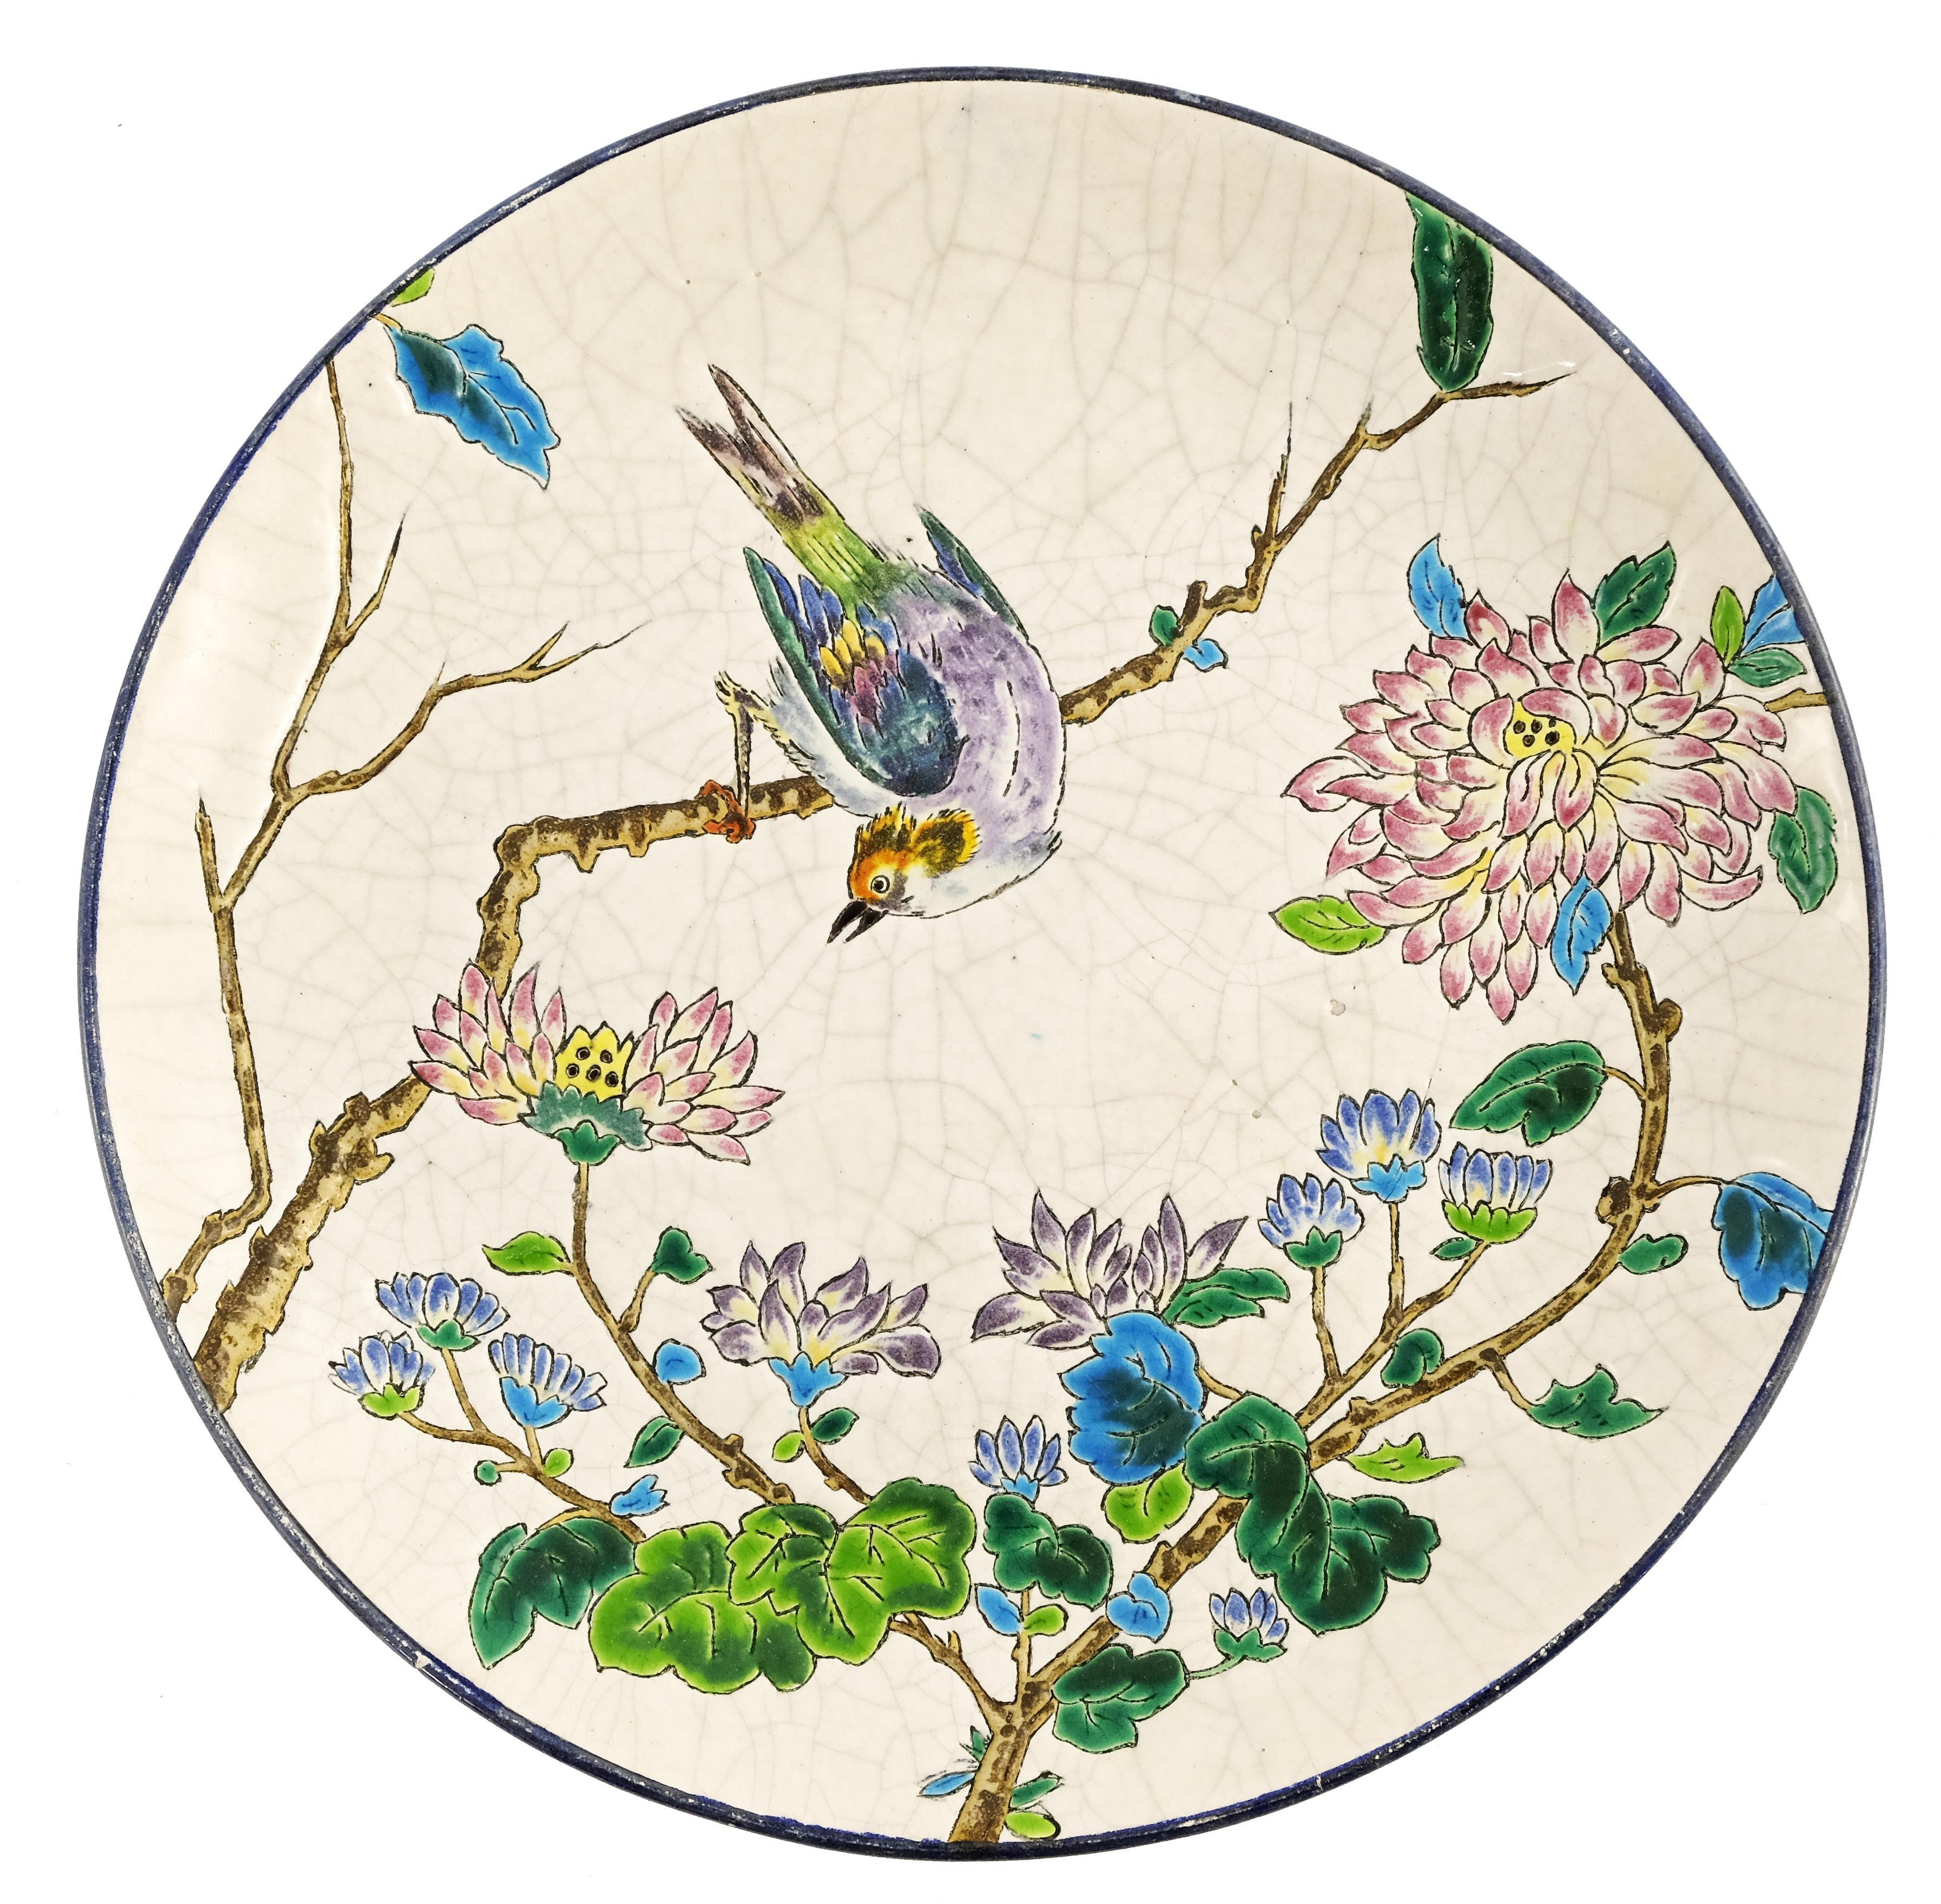 Longwy, an art pottery cloisonne plate